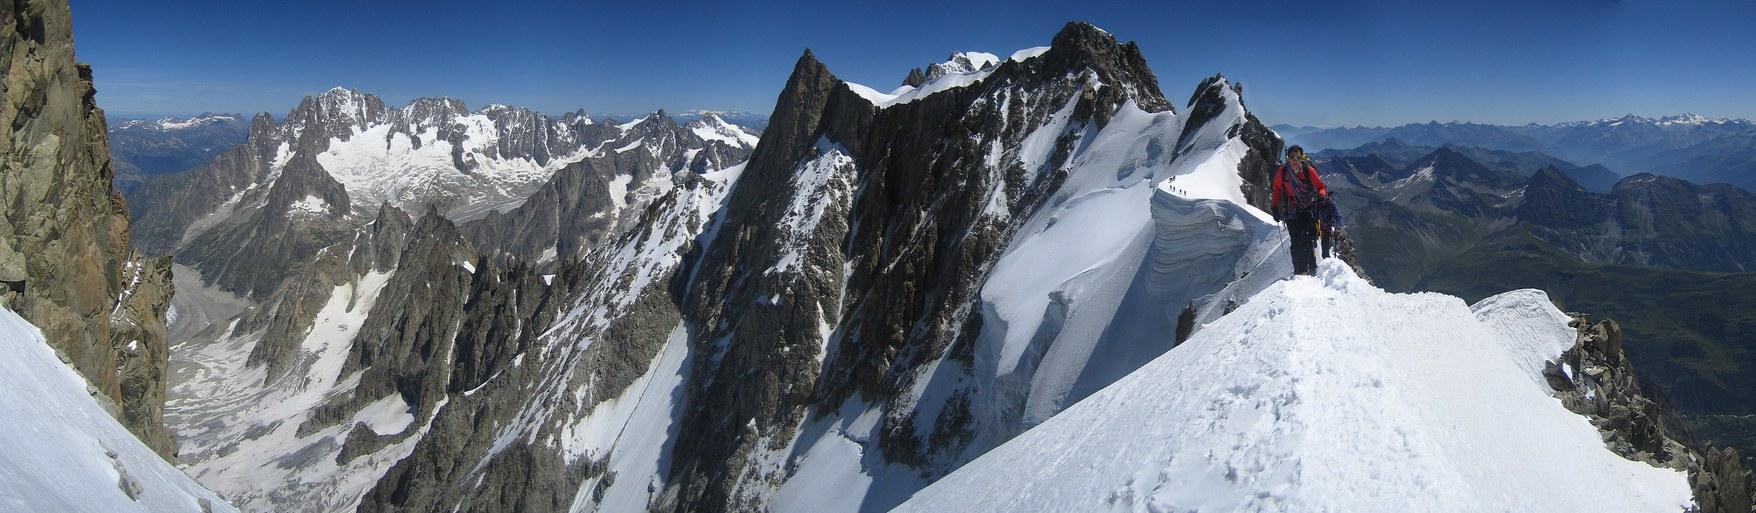 Salle a Manger: Dent du Geant, Aiguille Verte, Grandes Jorasses (4110 m), Aiguille du Rochefort (4001 m), and Arete de Rochefort